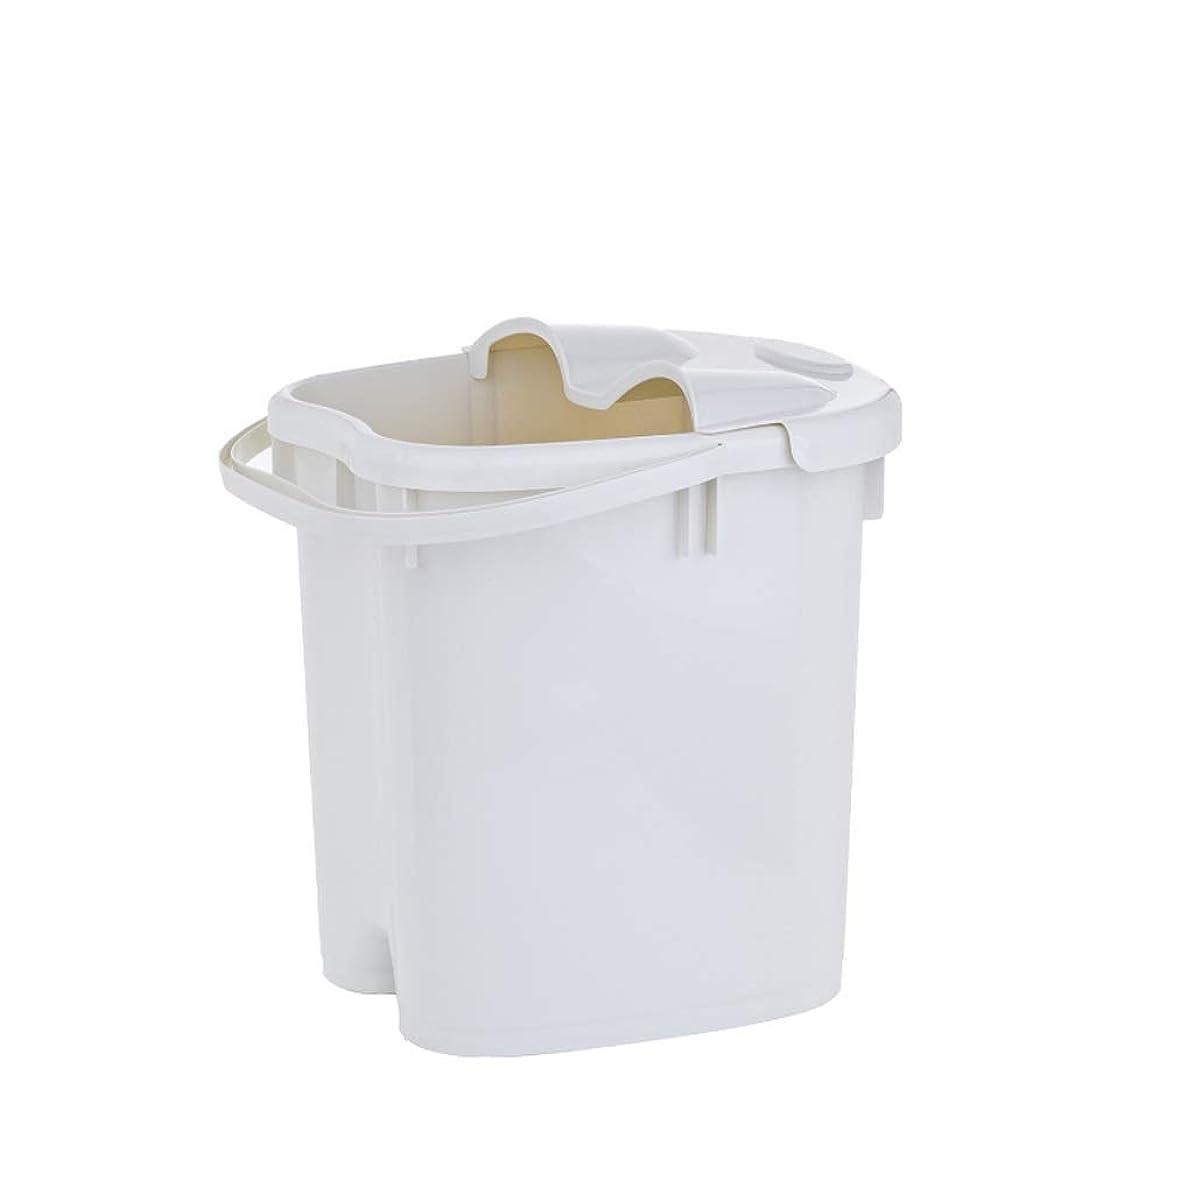 ほとんどの場合コンテンポラリー膨張するフットバスバレル- ?AMT携帯用高まりのマッサージの浴槽のふたの熱保存のフィートの洗面器の世帯が付いている大人のフットバスのバケツ Relax foot (色 : 白, サイズ さいず : 39cm high)